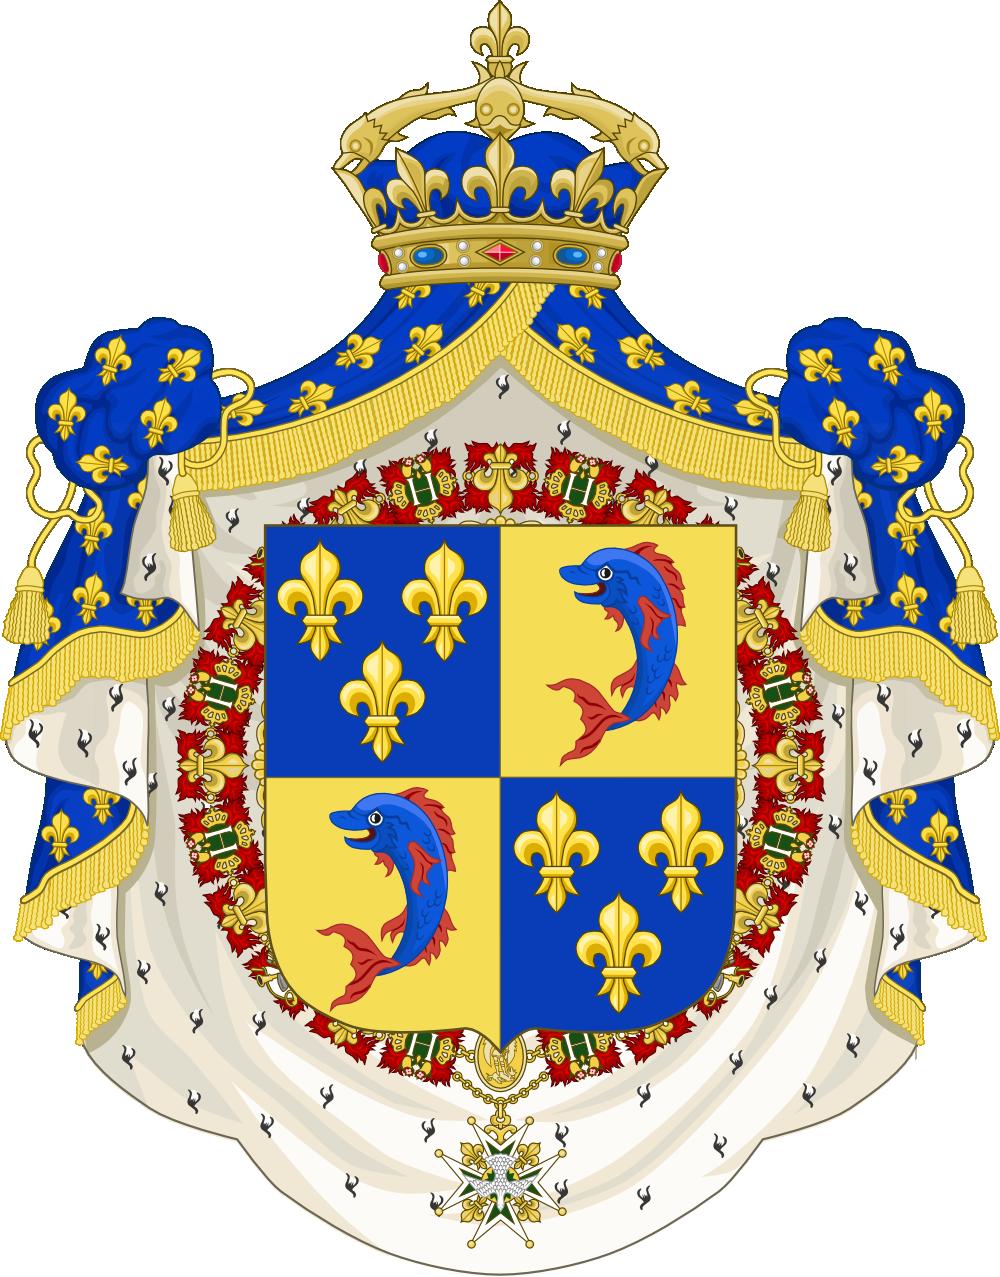 Armoiries du Dauphin de France (moderne) (2).png